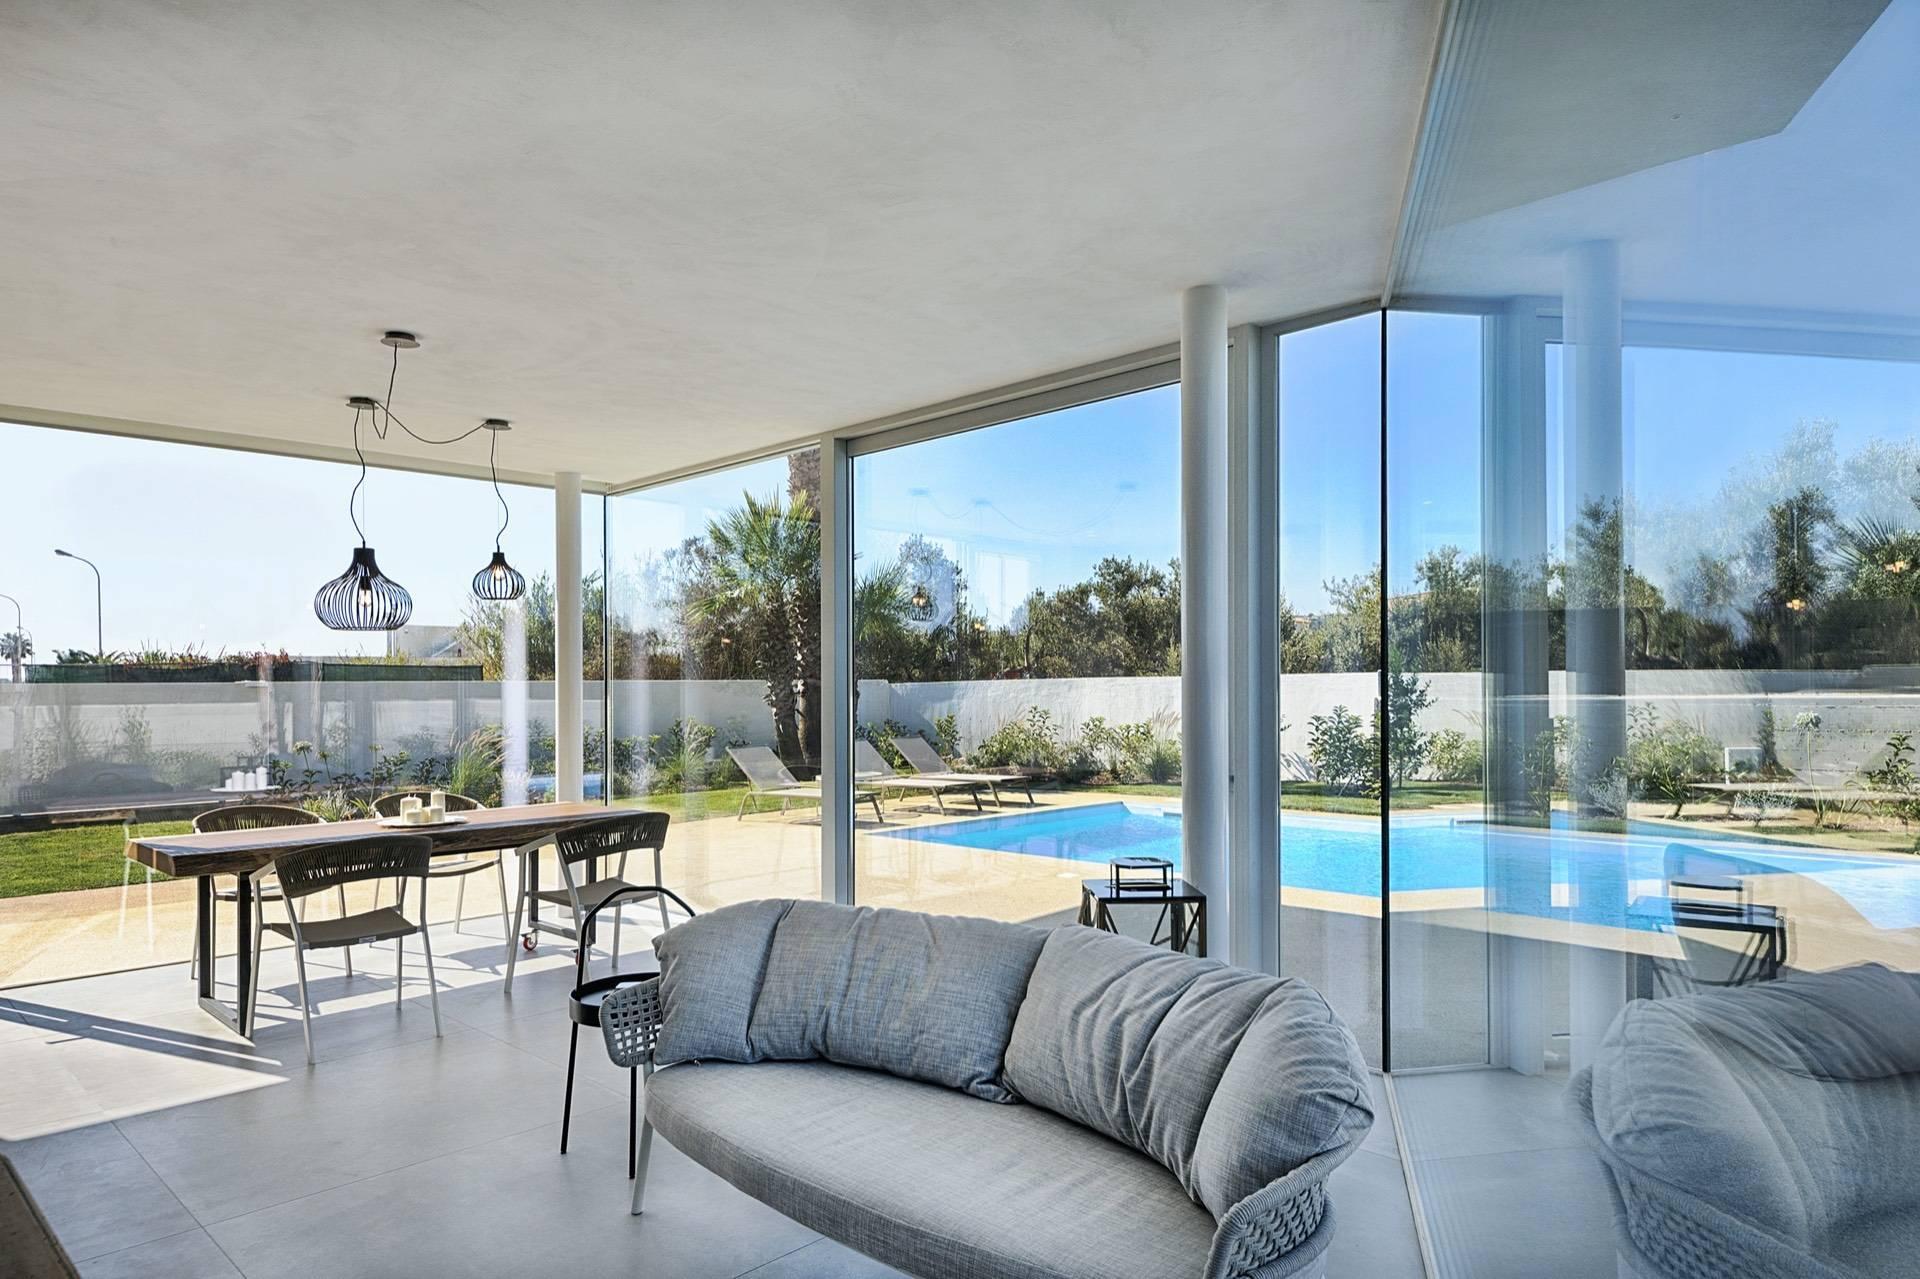 Villa indipendente con piscina a pochi passi dal mare - 4